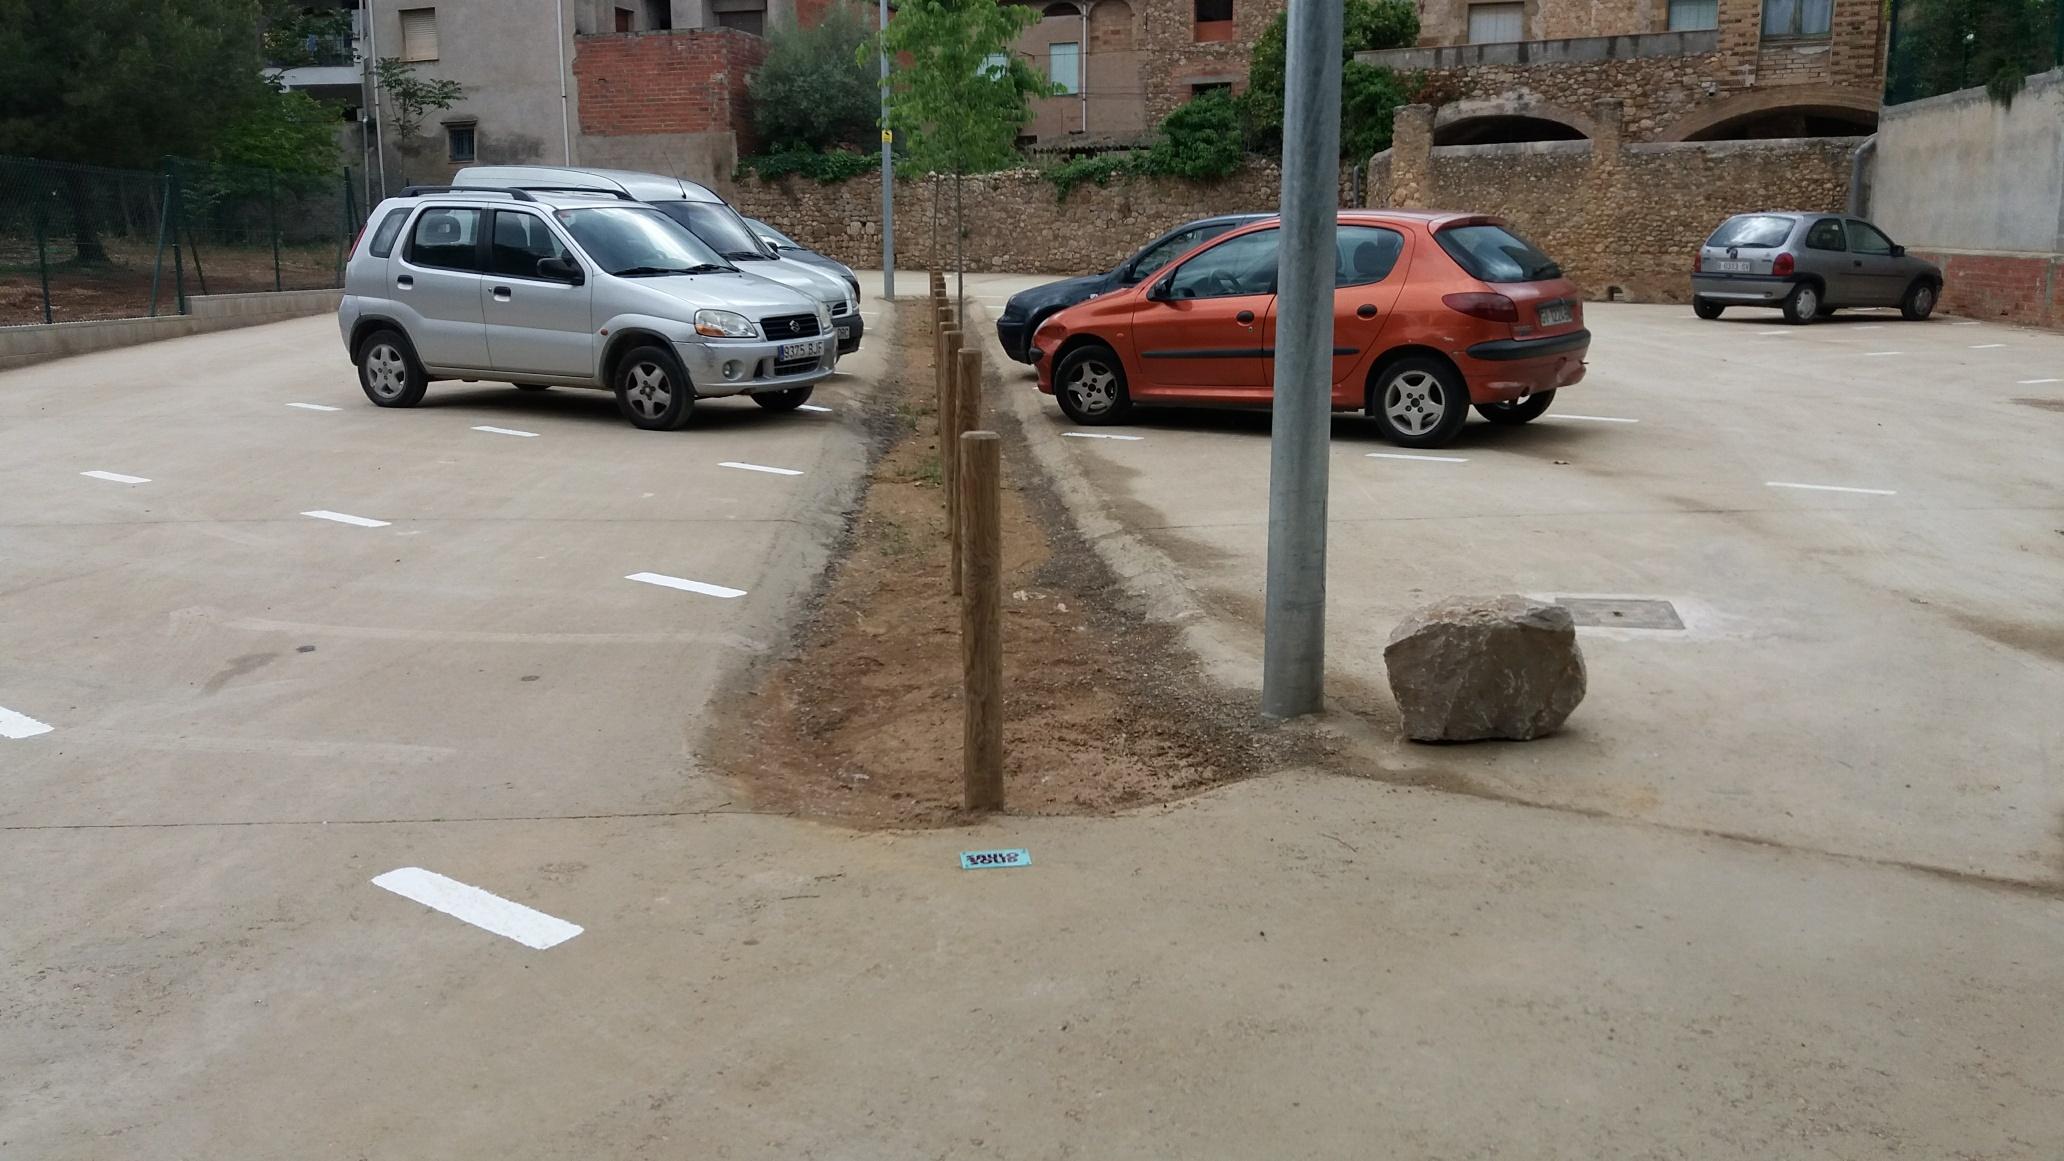 Lladó aparcament_Ssolid1